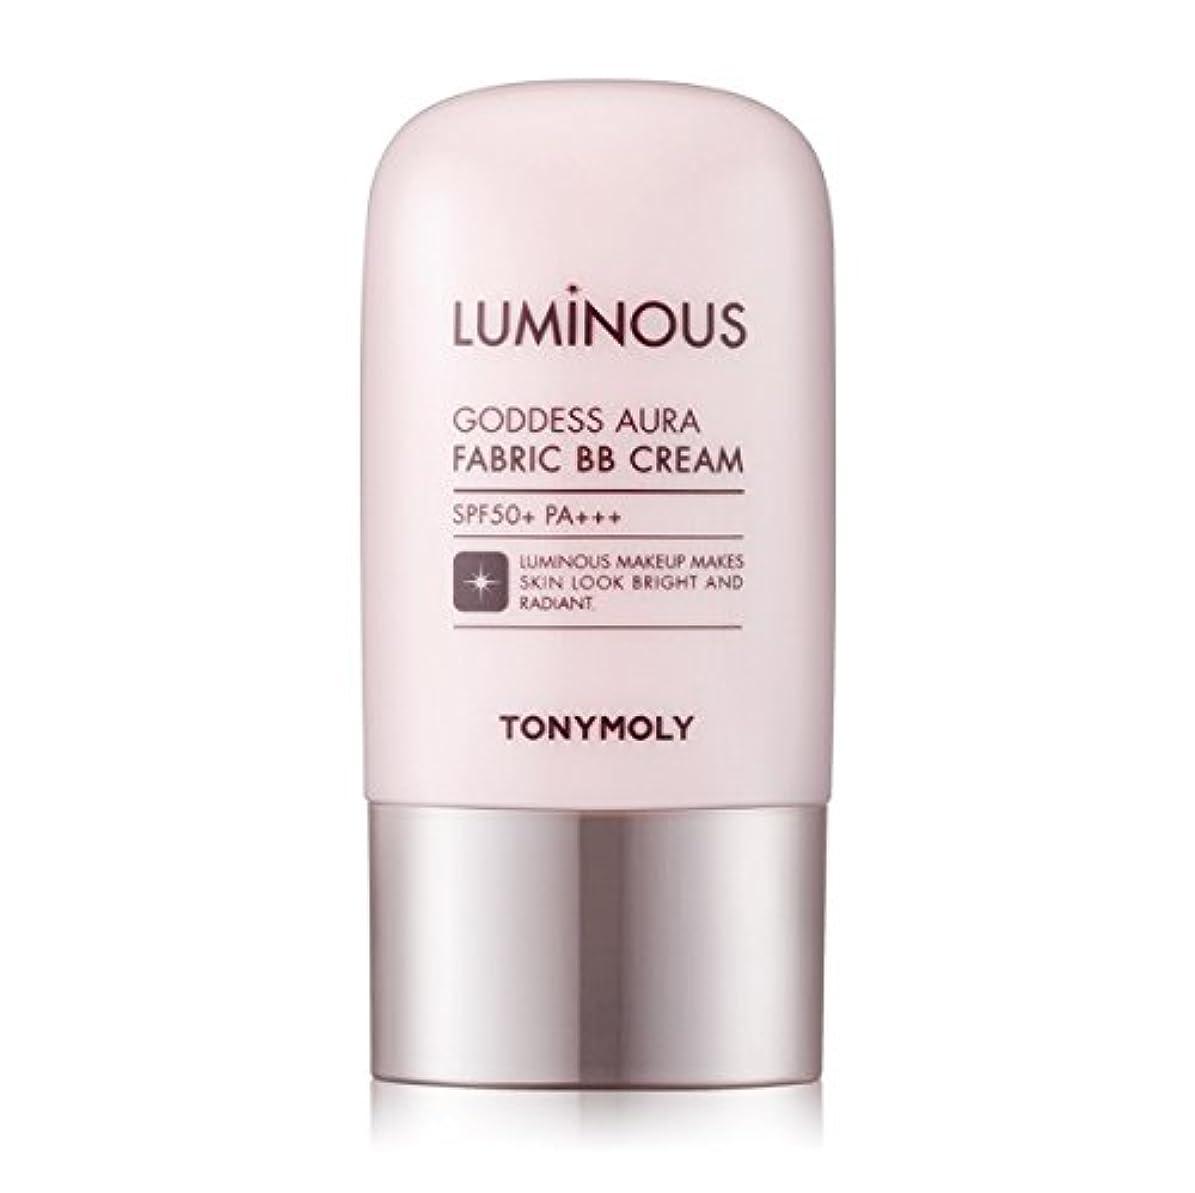 基本的なデコラティブ憎しみTONYMOLY Luminous Goddess Aura Fabric BB Cream (02 Warm Beige) / トニーモリー ルミナス女神光彩ファブリックBBクリーム 40g [並行輸入品]